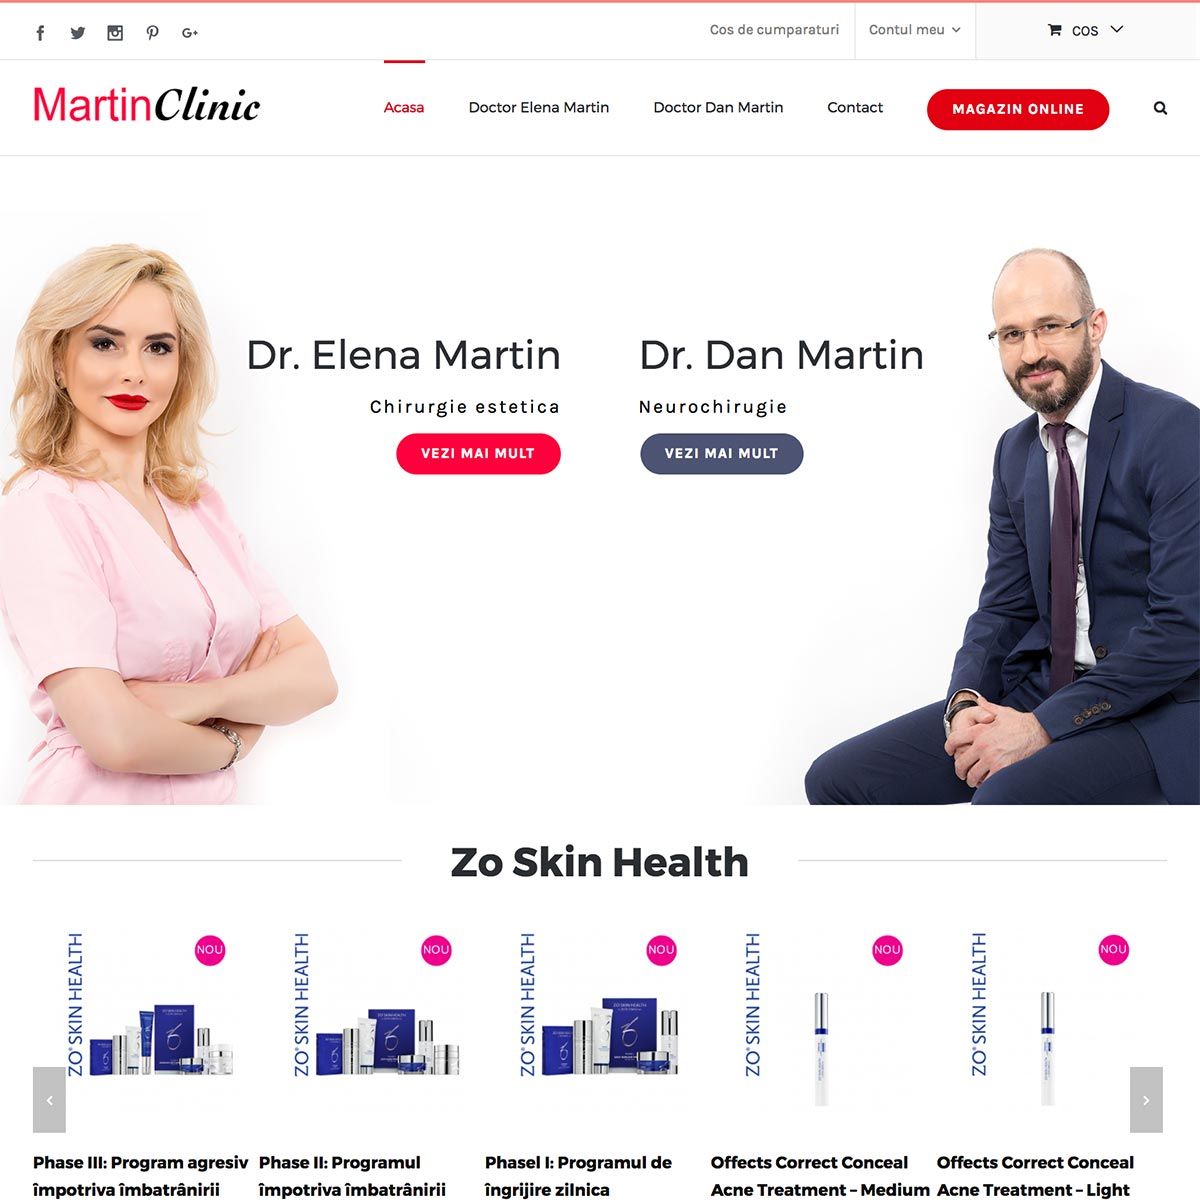 Creare site web, portofoliu - Martin Clinic